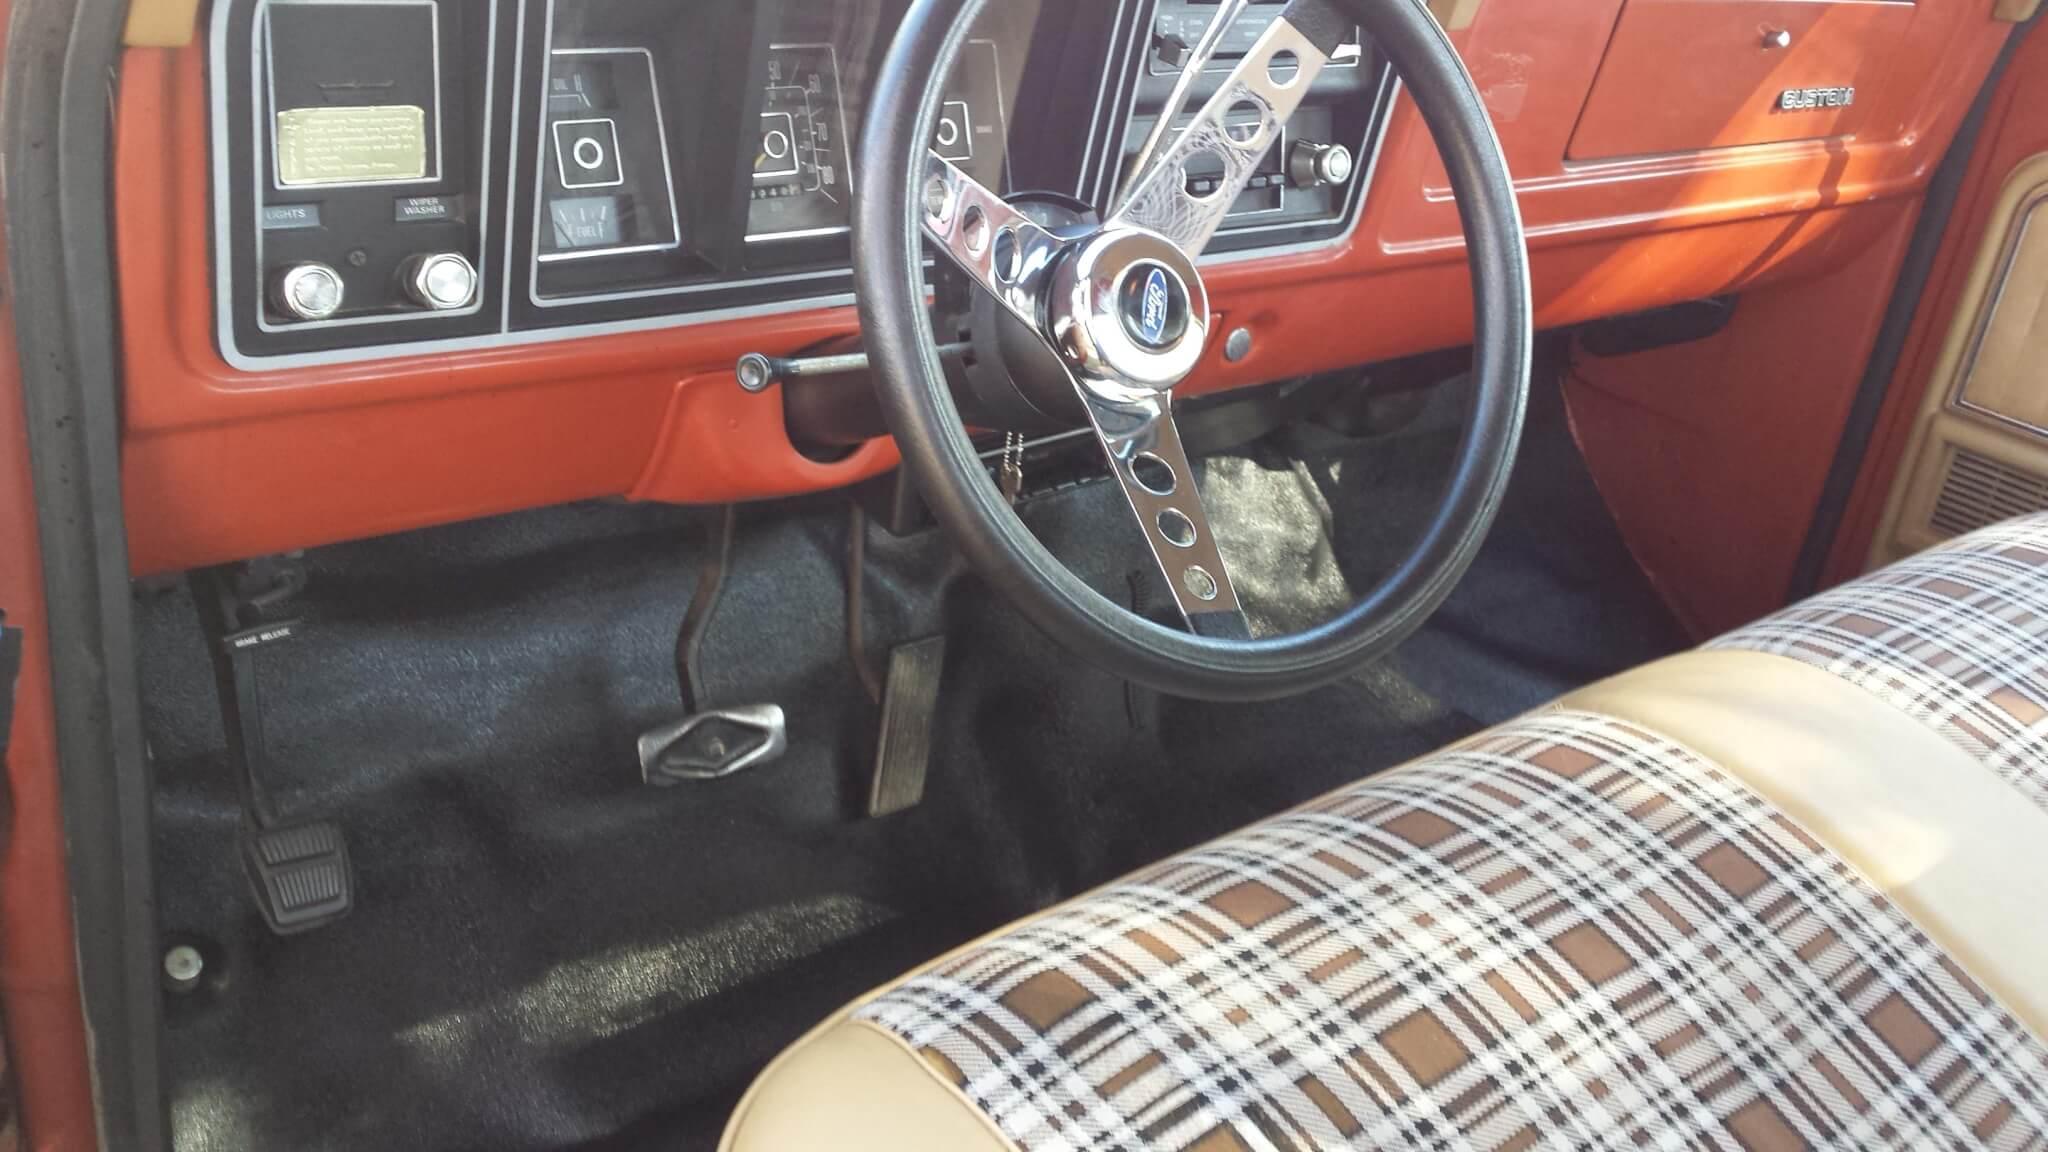 2018 Ford F150 Interior >> 1977 Ford F150-John F. - LMC Truck Life